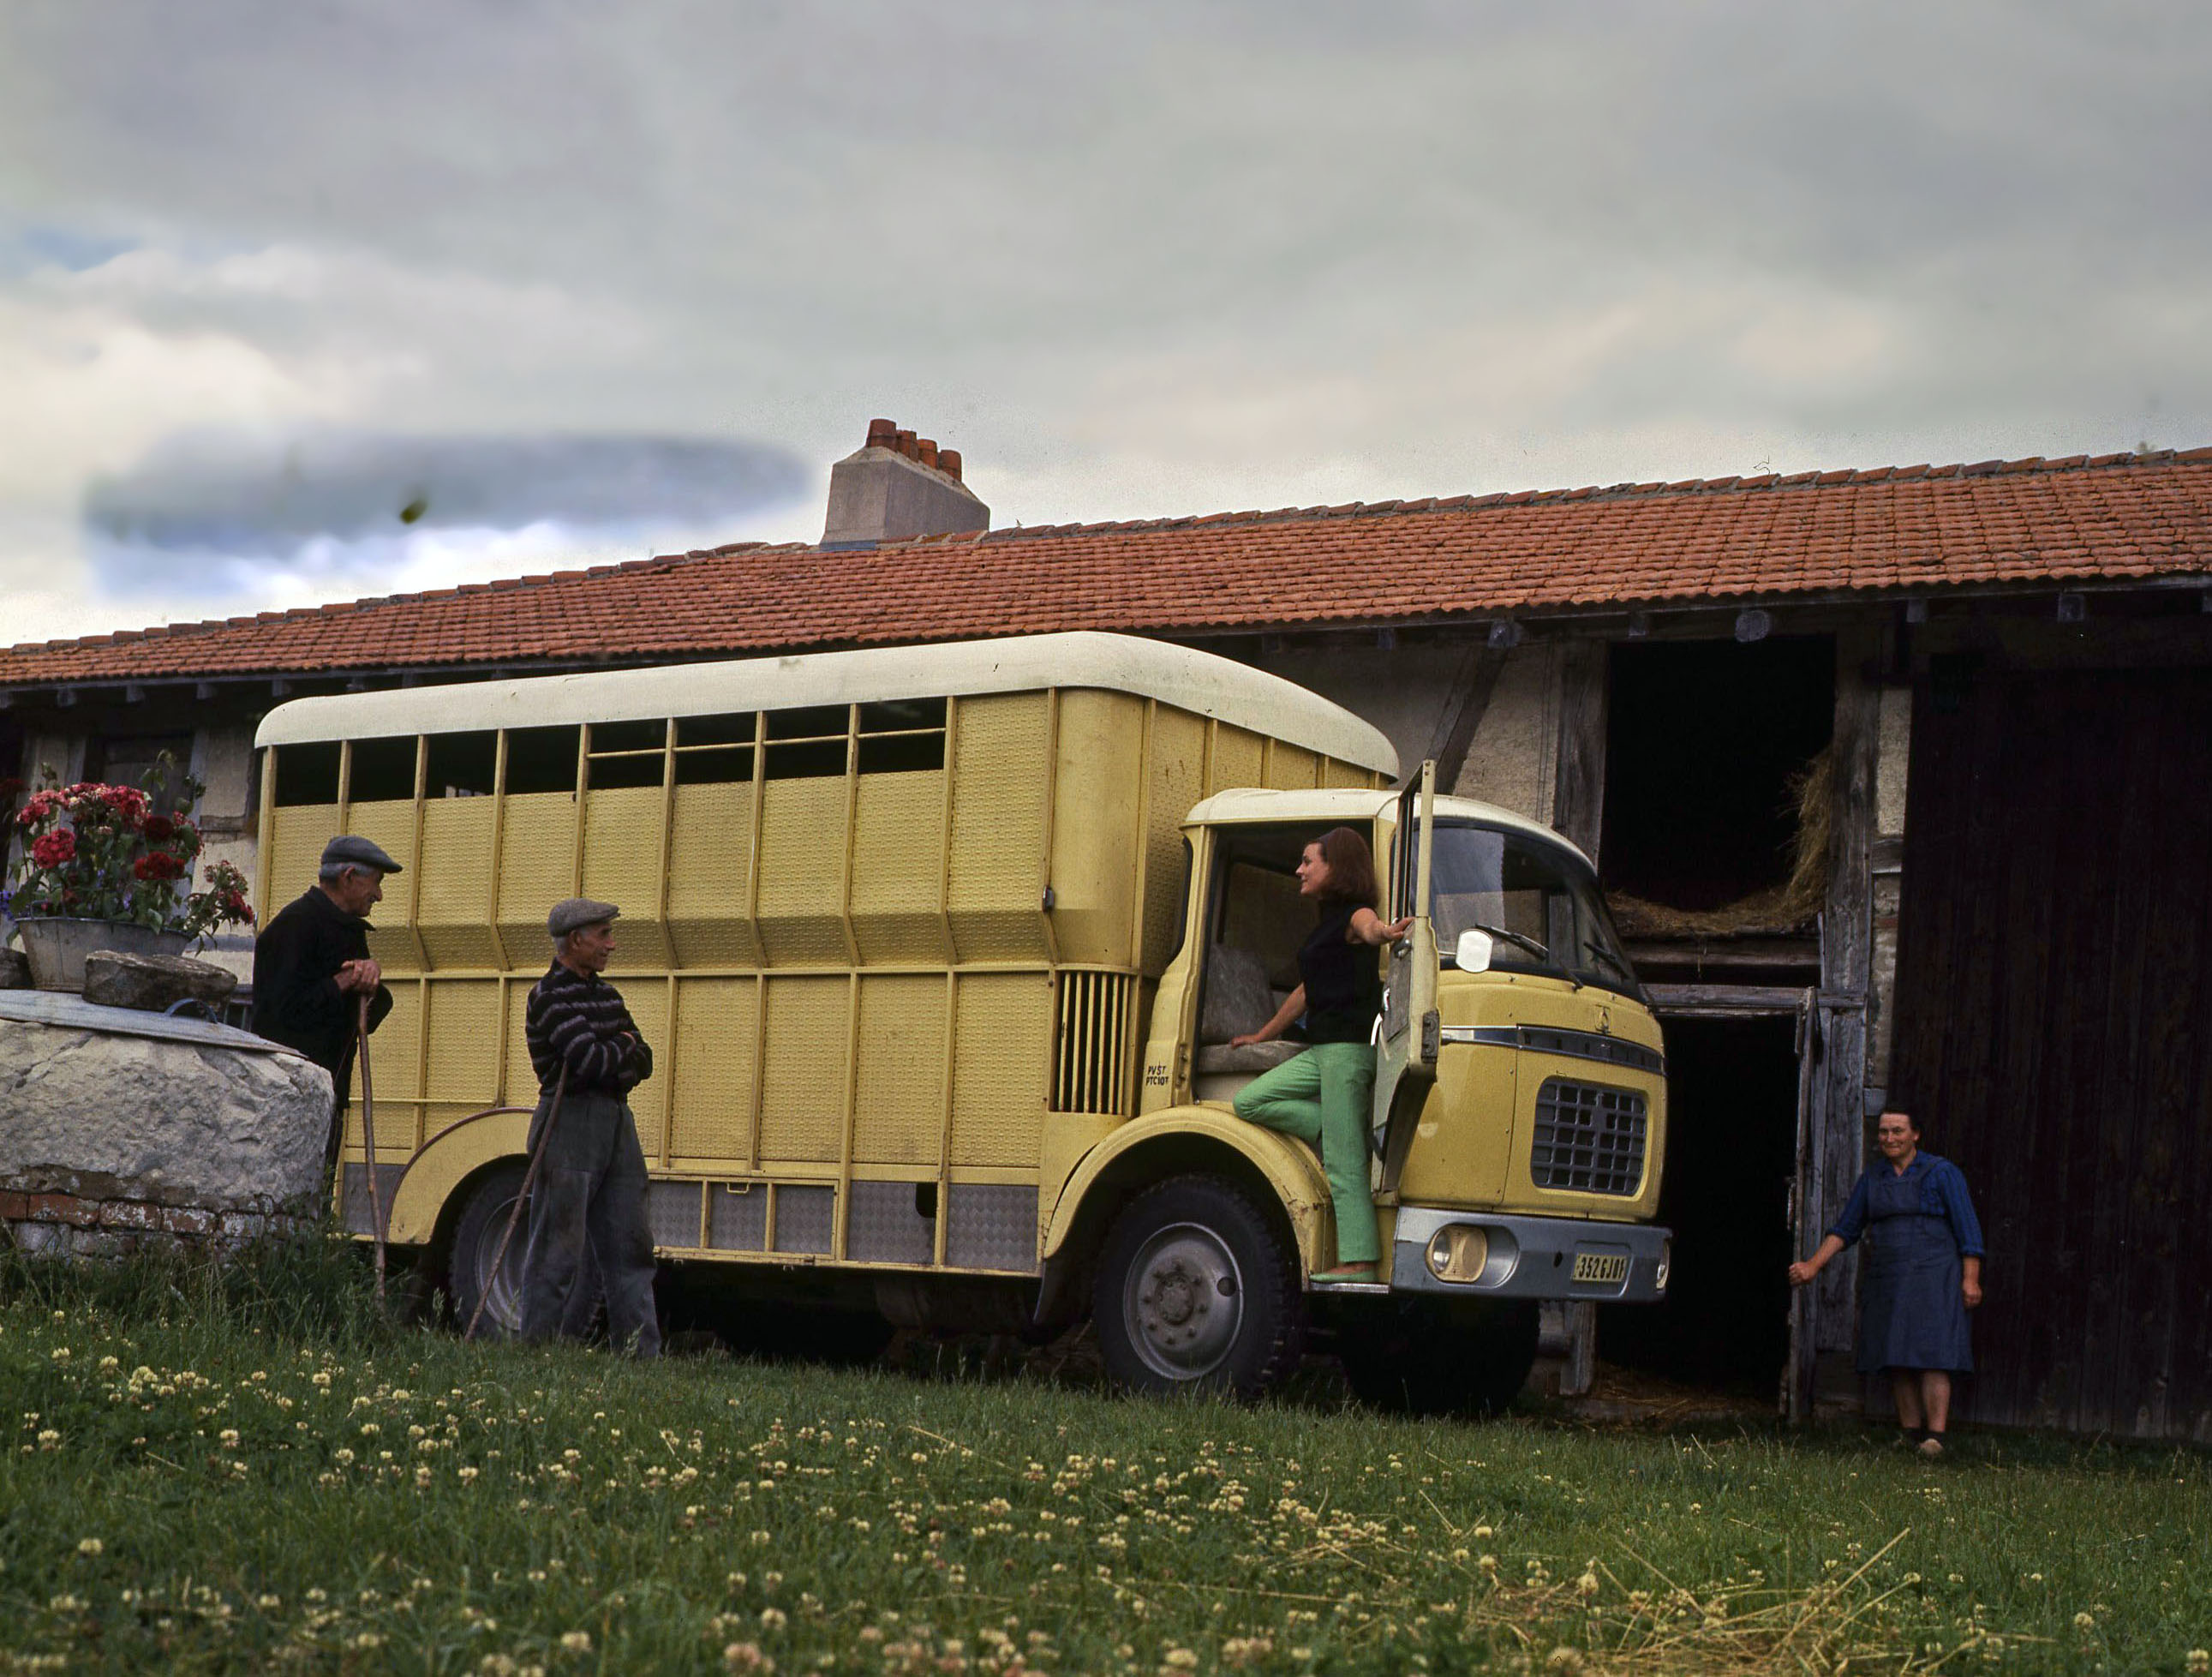 camion des villes camion des champs le berliet gak fondation berliet. Black Bedroom Furniture Sets. Home Design Ideas